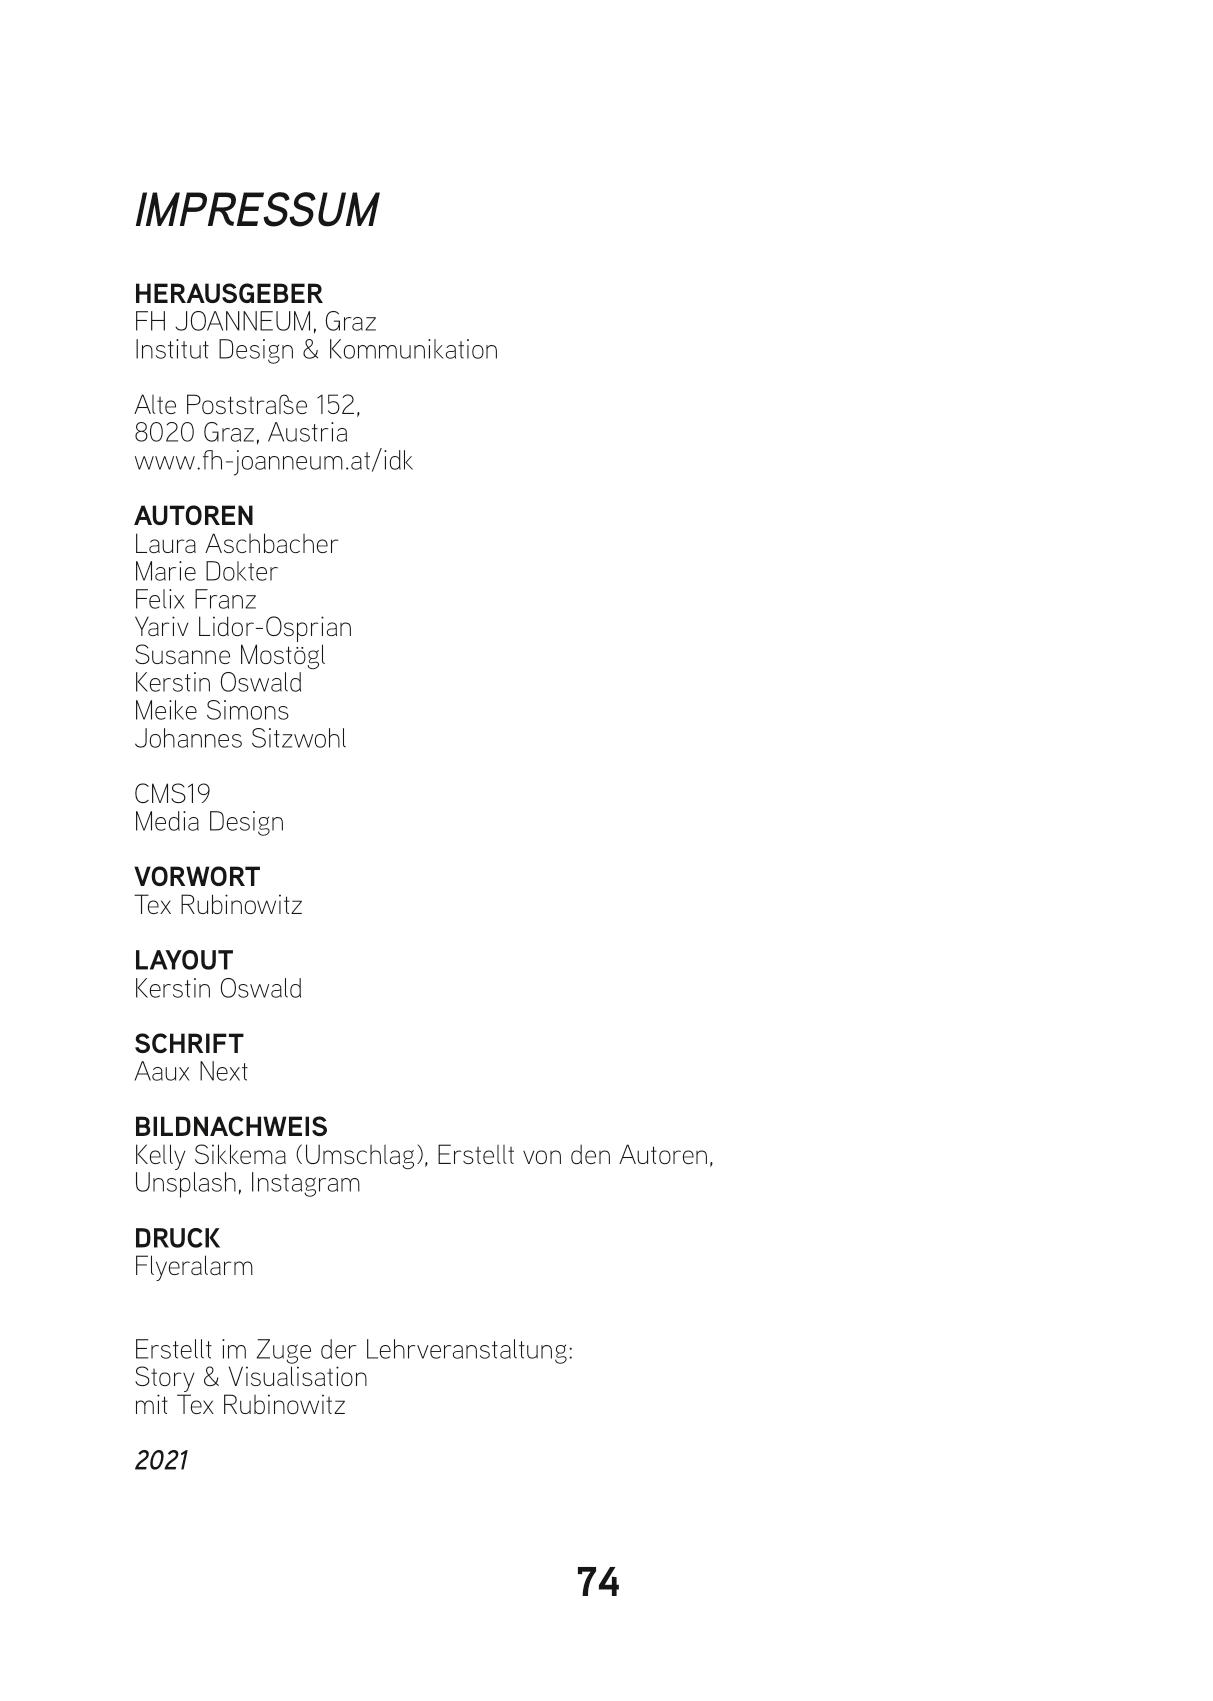 MDZB_CMS19_v1-75